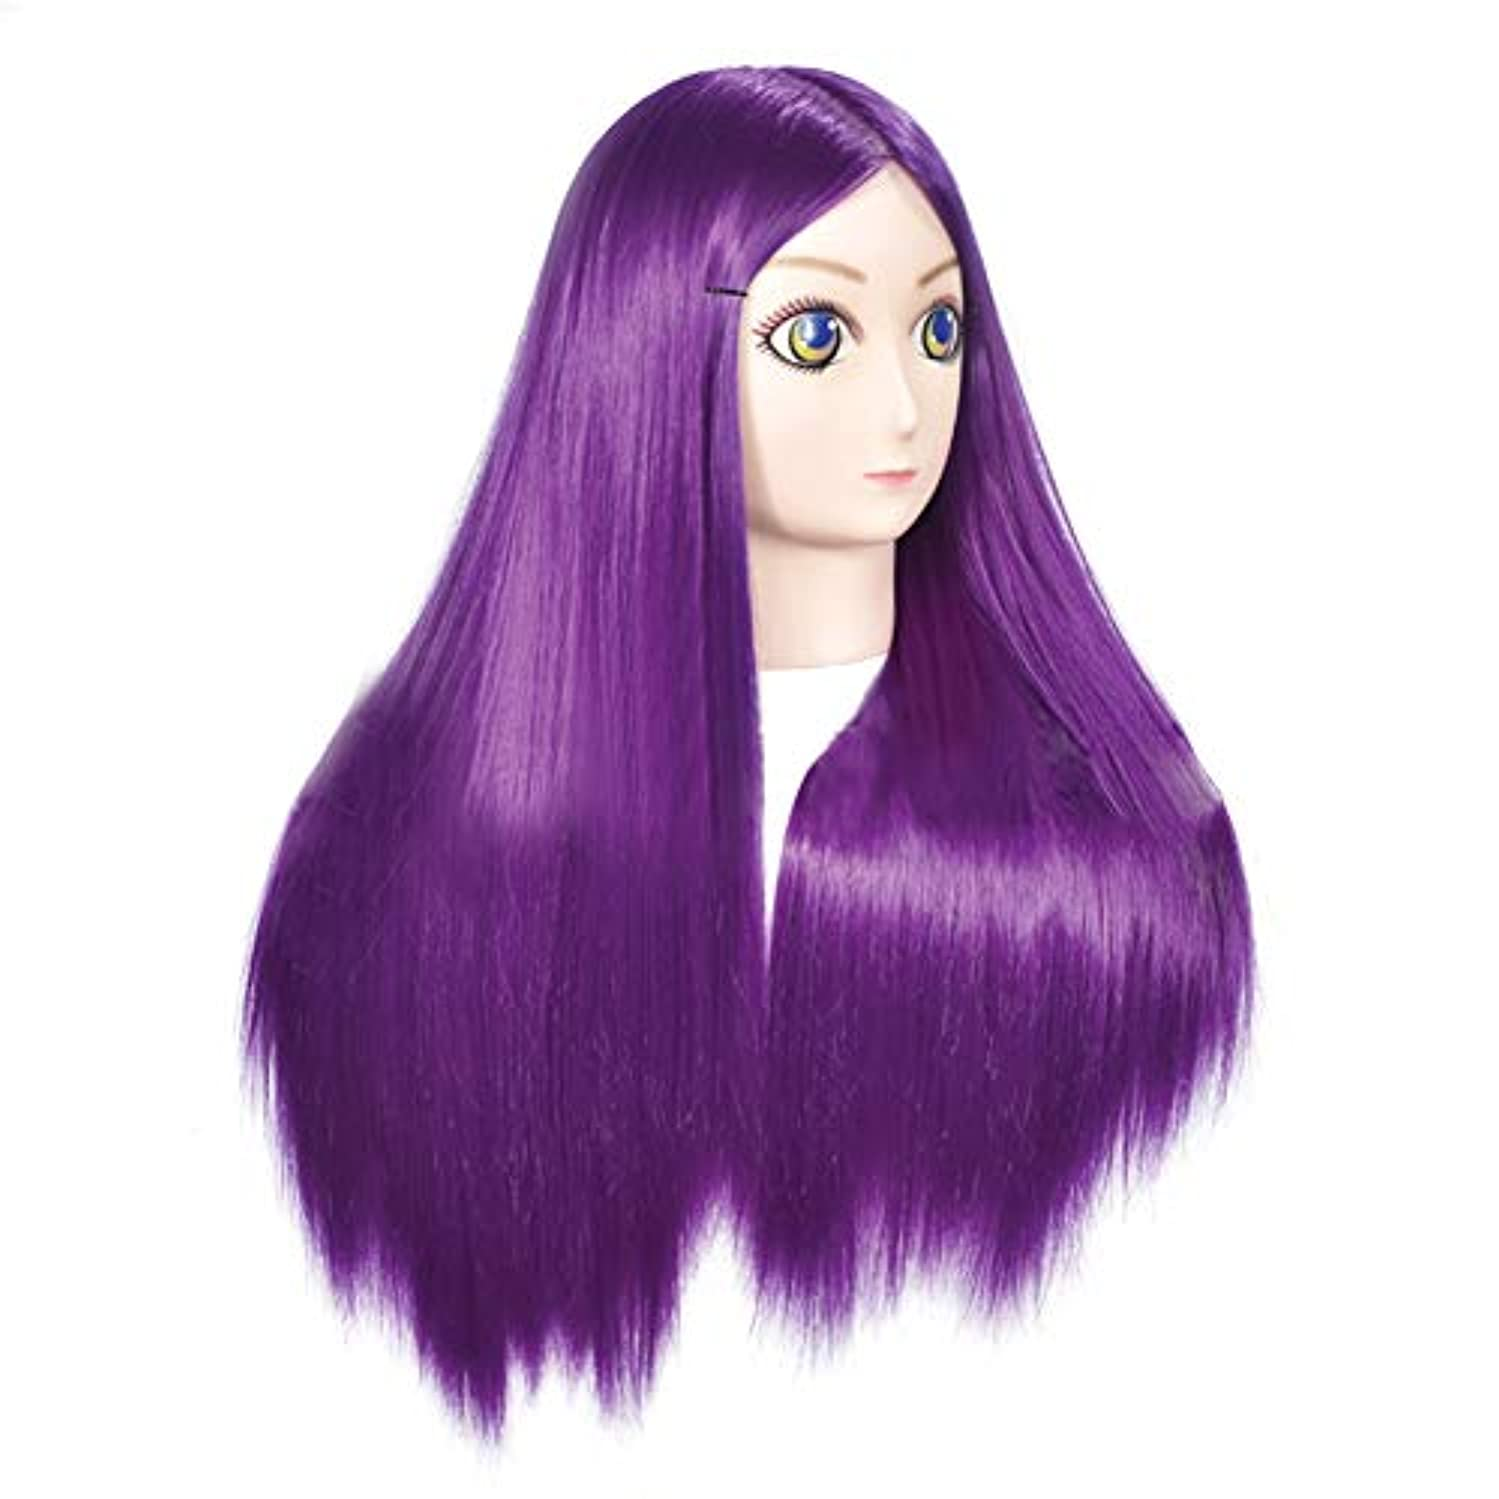 敗北美徳あそこ高温シルクヘアスタイリングモデルヘッド女性モデルヘッドティーチングヘッド理髪店編組髪染め学習ダミーヘッド